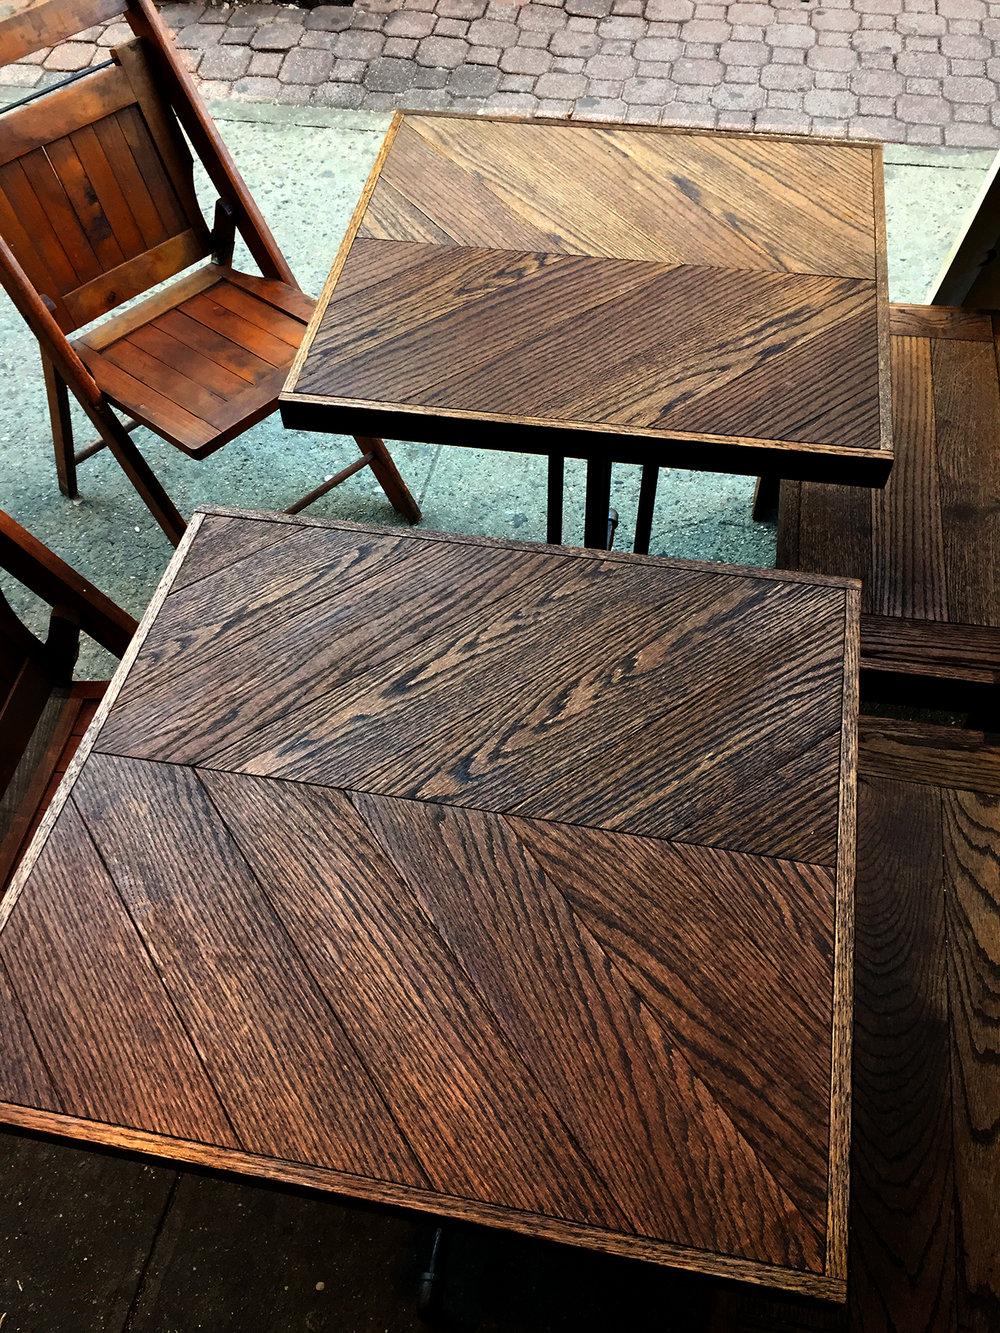 tabletops.jpg